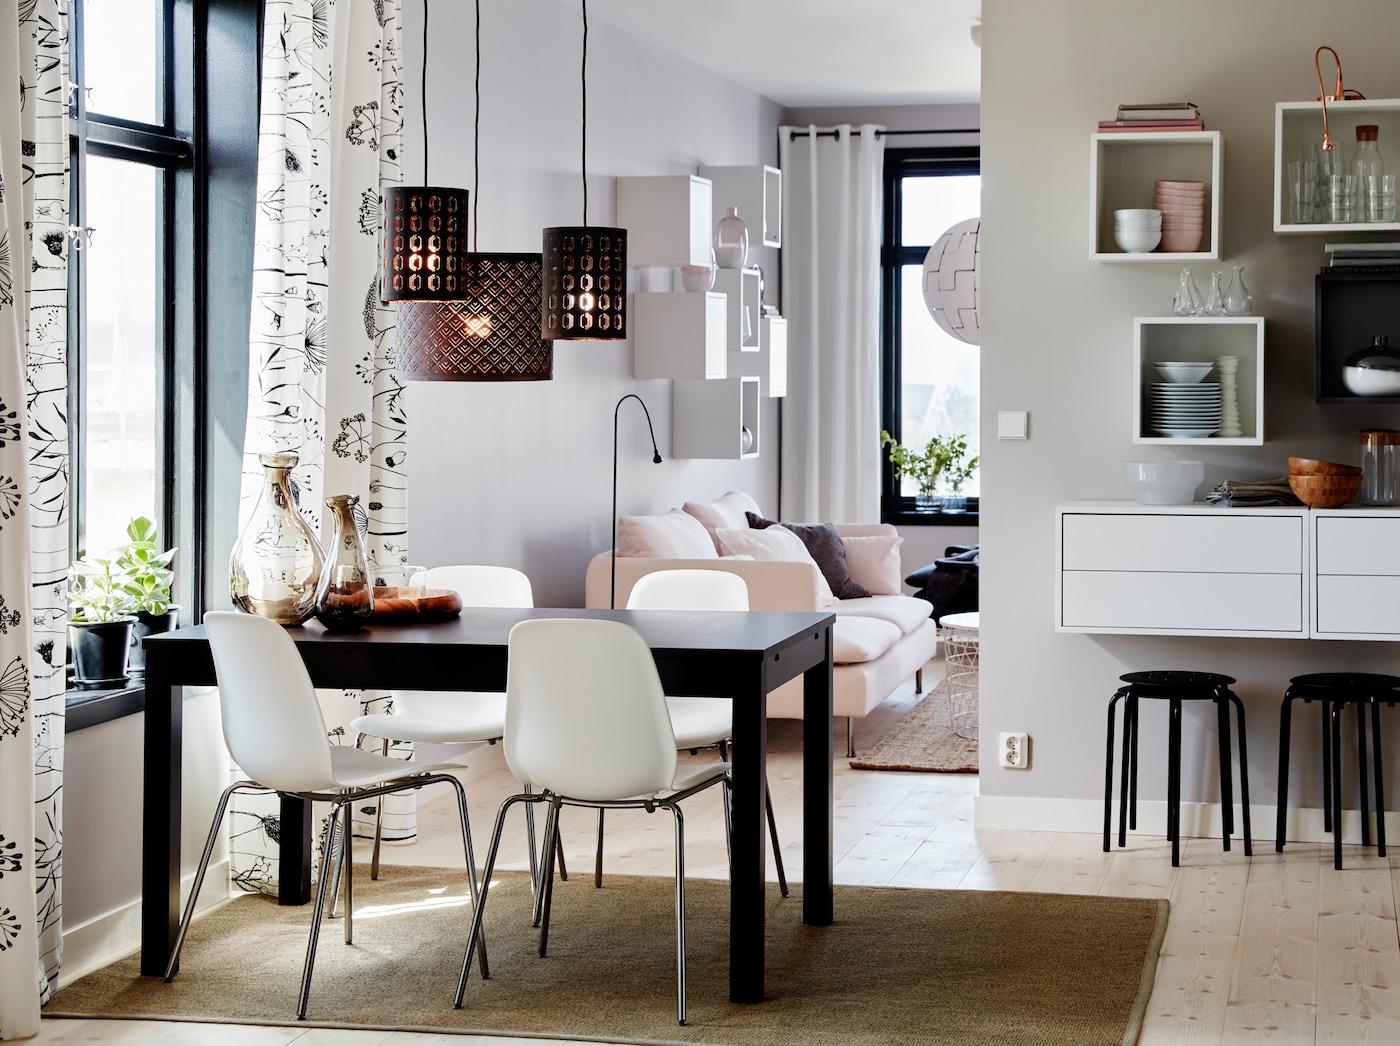 petit d jeuner pour quatre d ner pour six ikea. Black Bedroom Furniture Sets. Home Design Ideas